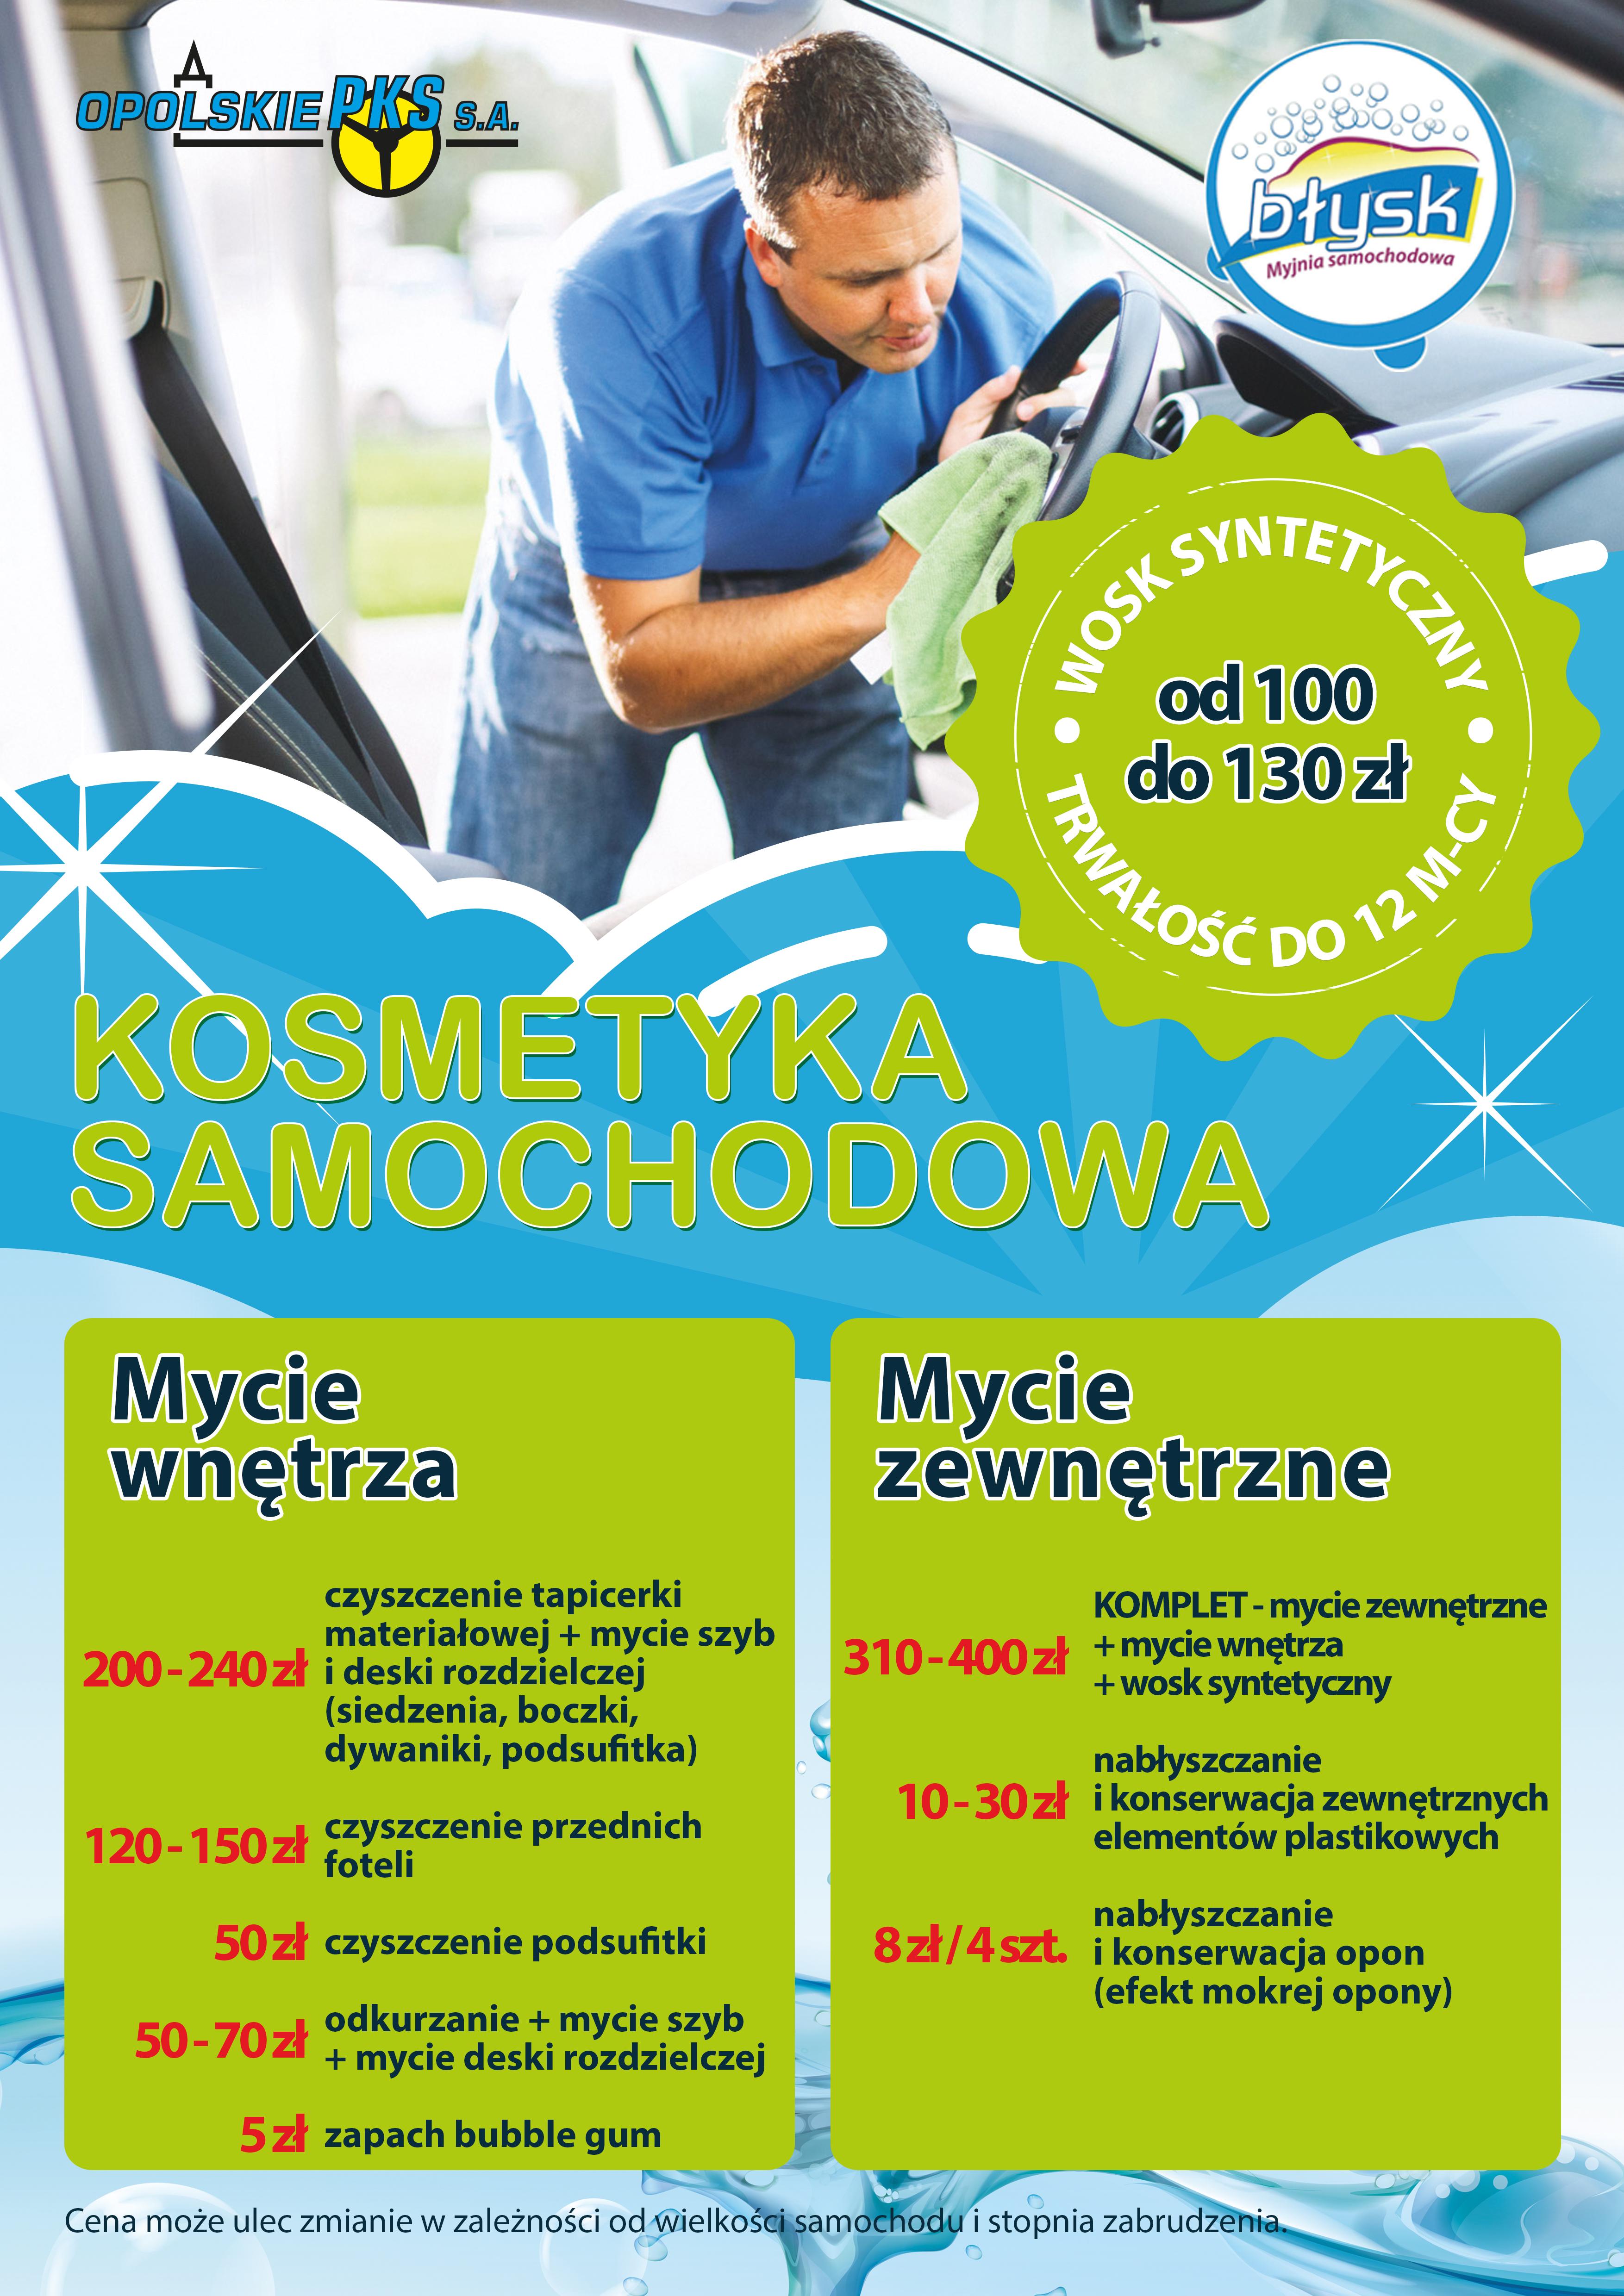 plakat_kosmetyka_samochodowa_opks_v2